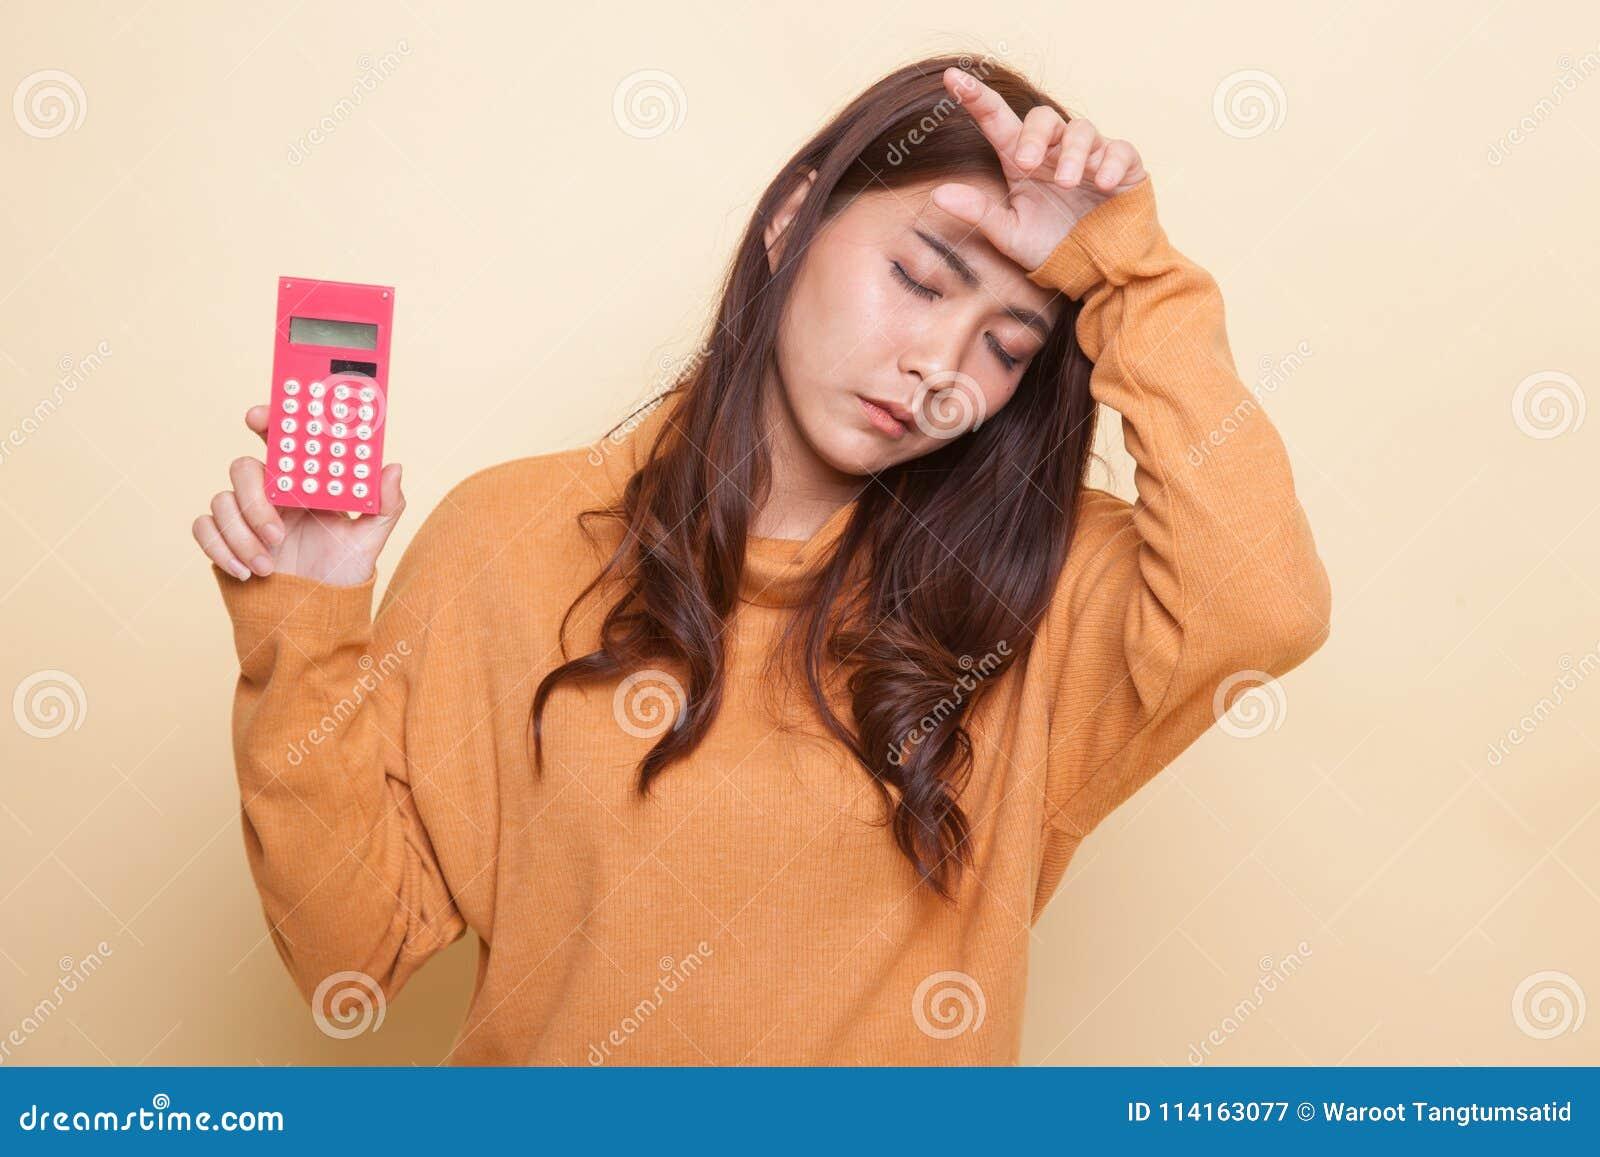 La mujer asiática consiguió dolor de cabeza con la calculadora